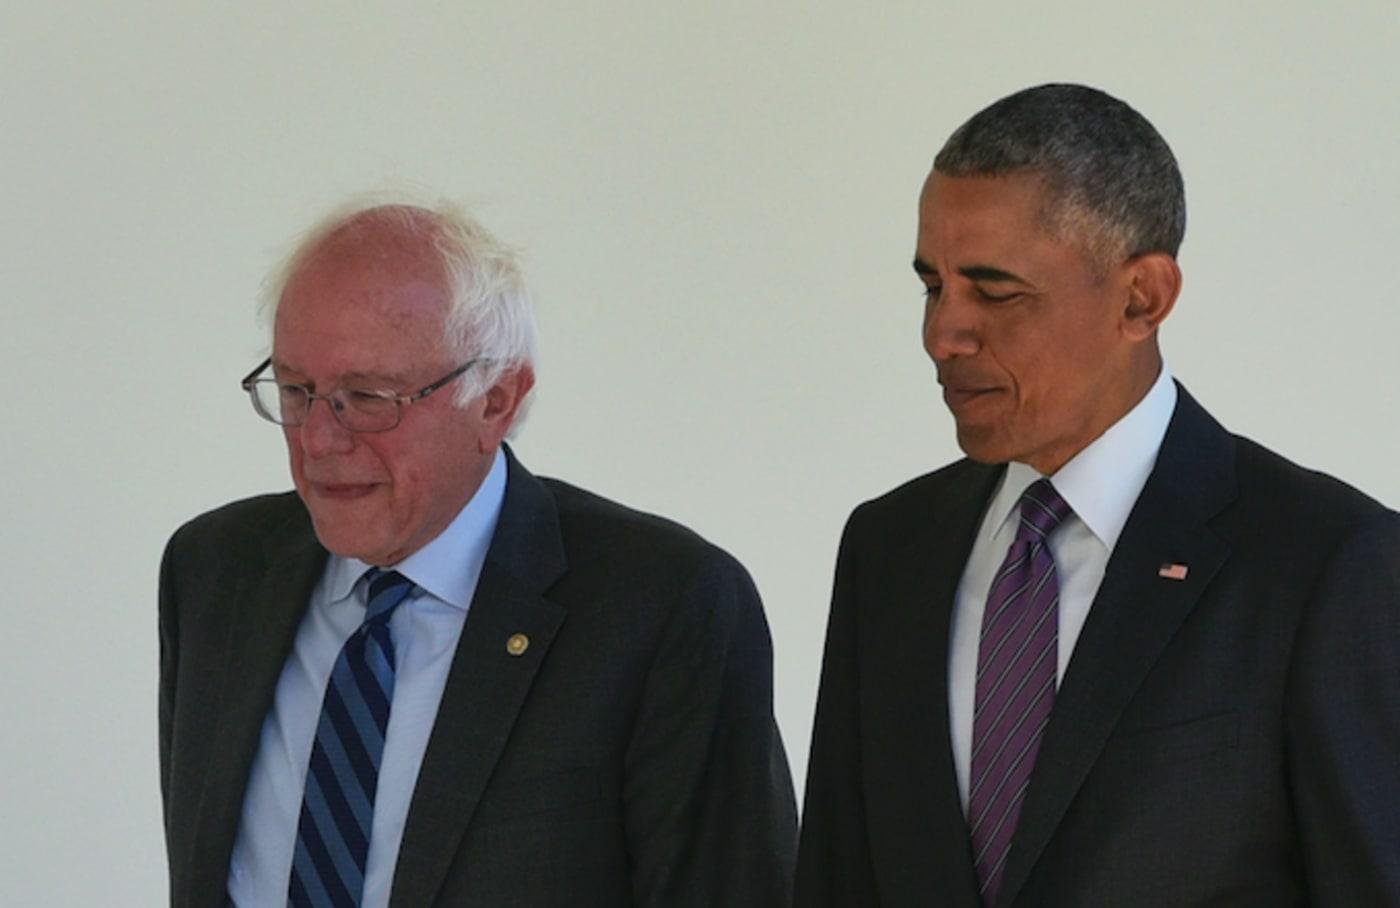 Bernie Sanders and Barack Obama